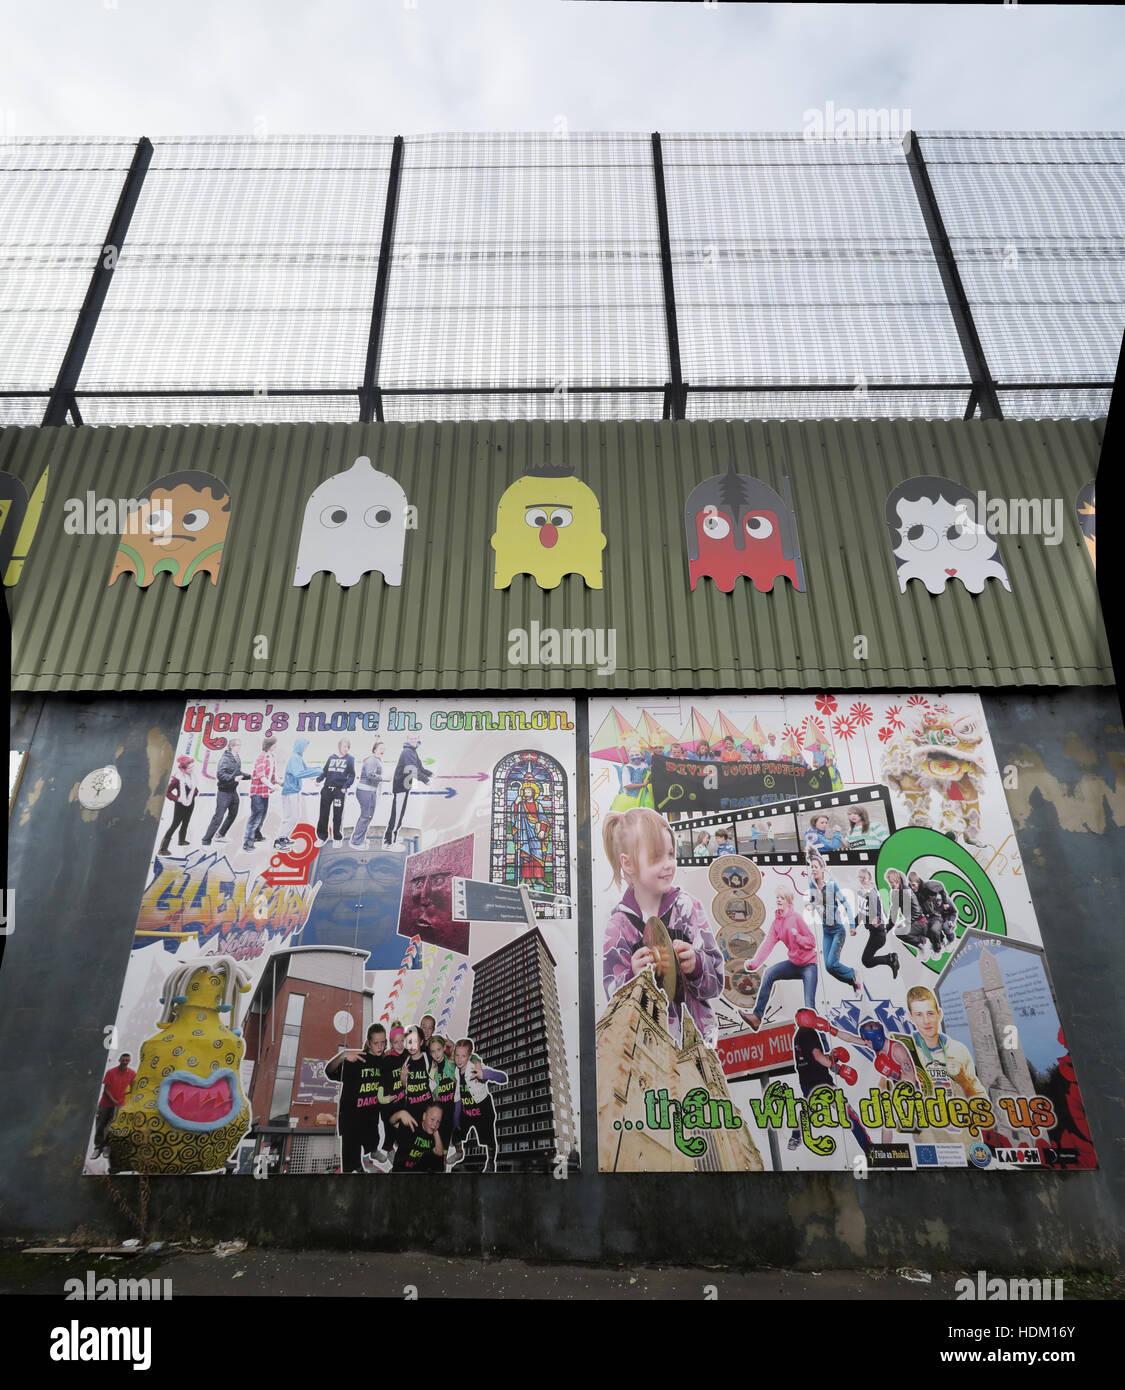 Abbiamo molto in comune... Belfast International parete di pace,Cupar modo,West Belfast,NI,UK Immagini Stock